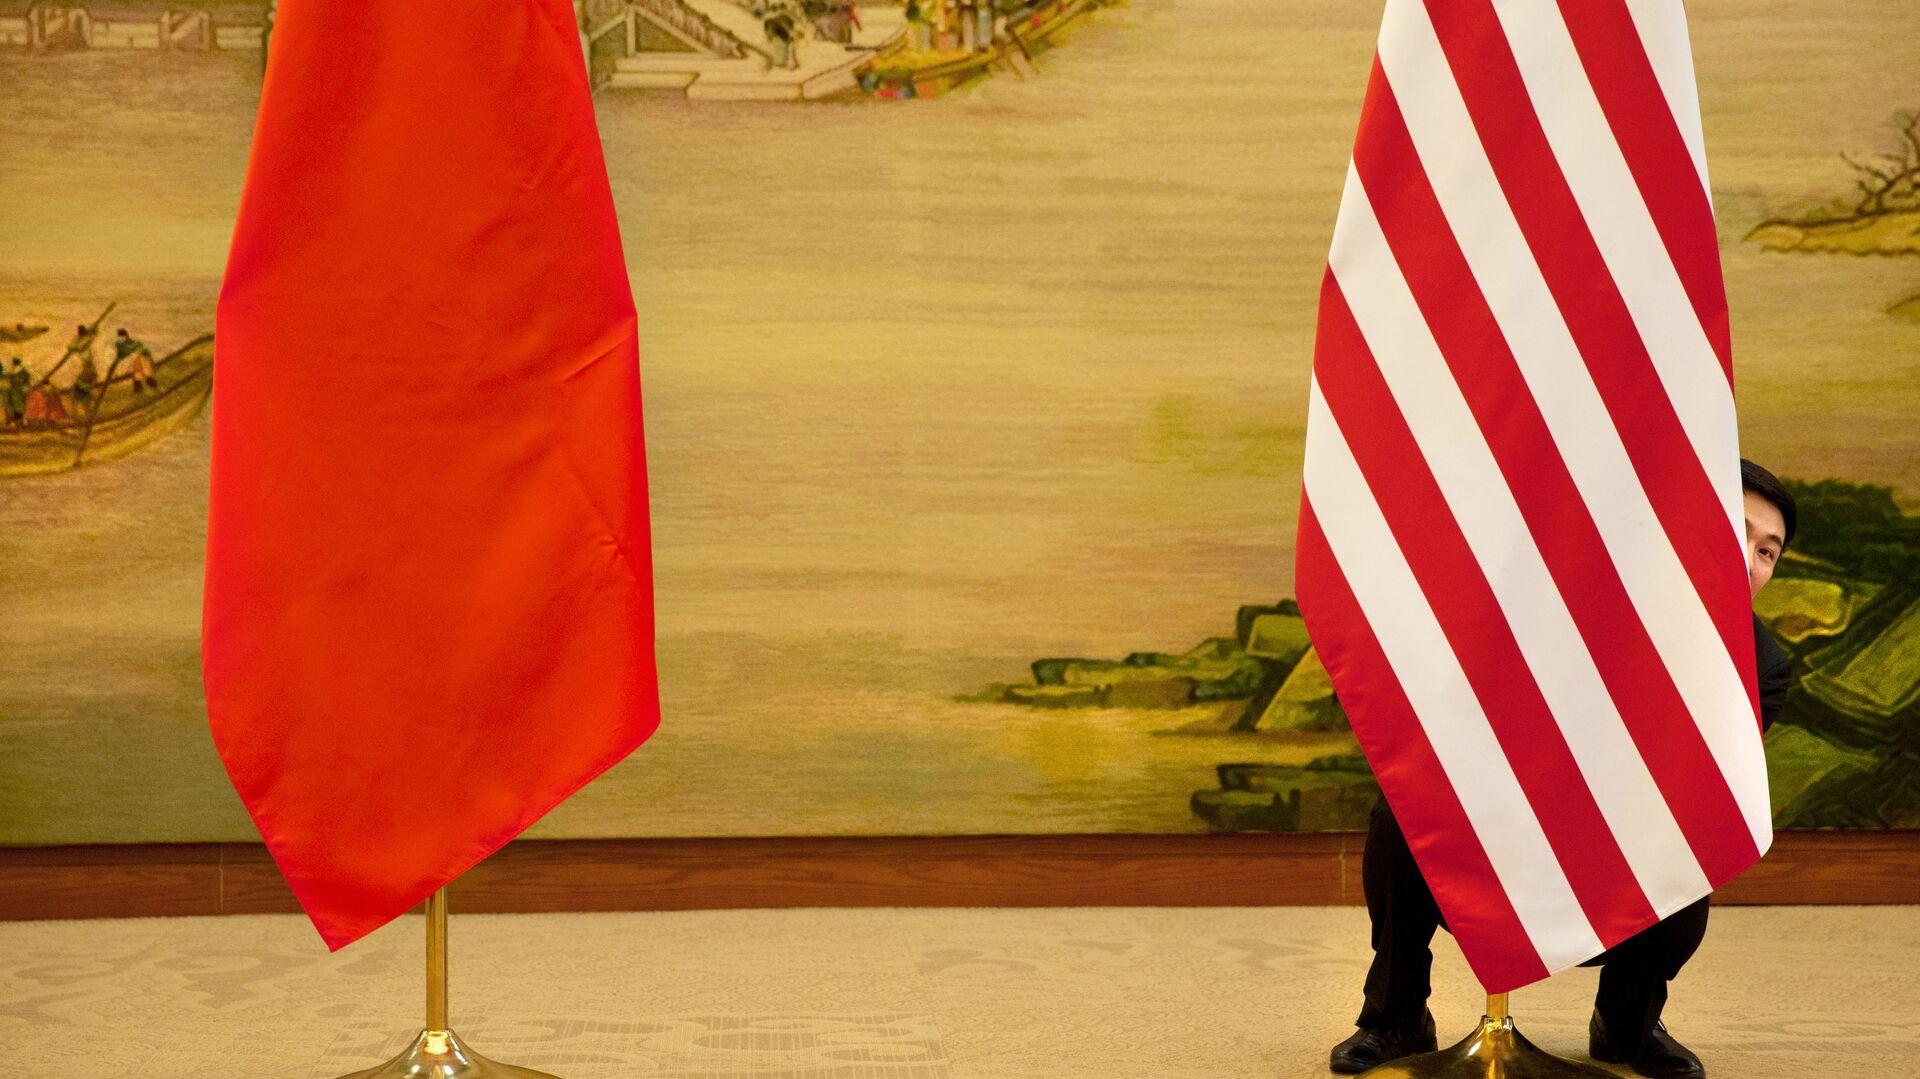 Флаги Китая и США перед встречей глав дипломатических ведомств в Пекине, КНР - РИА Новости, 1920, 11.02.2021